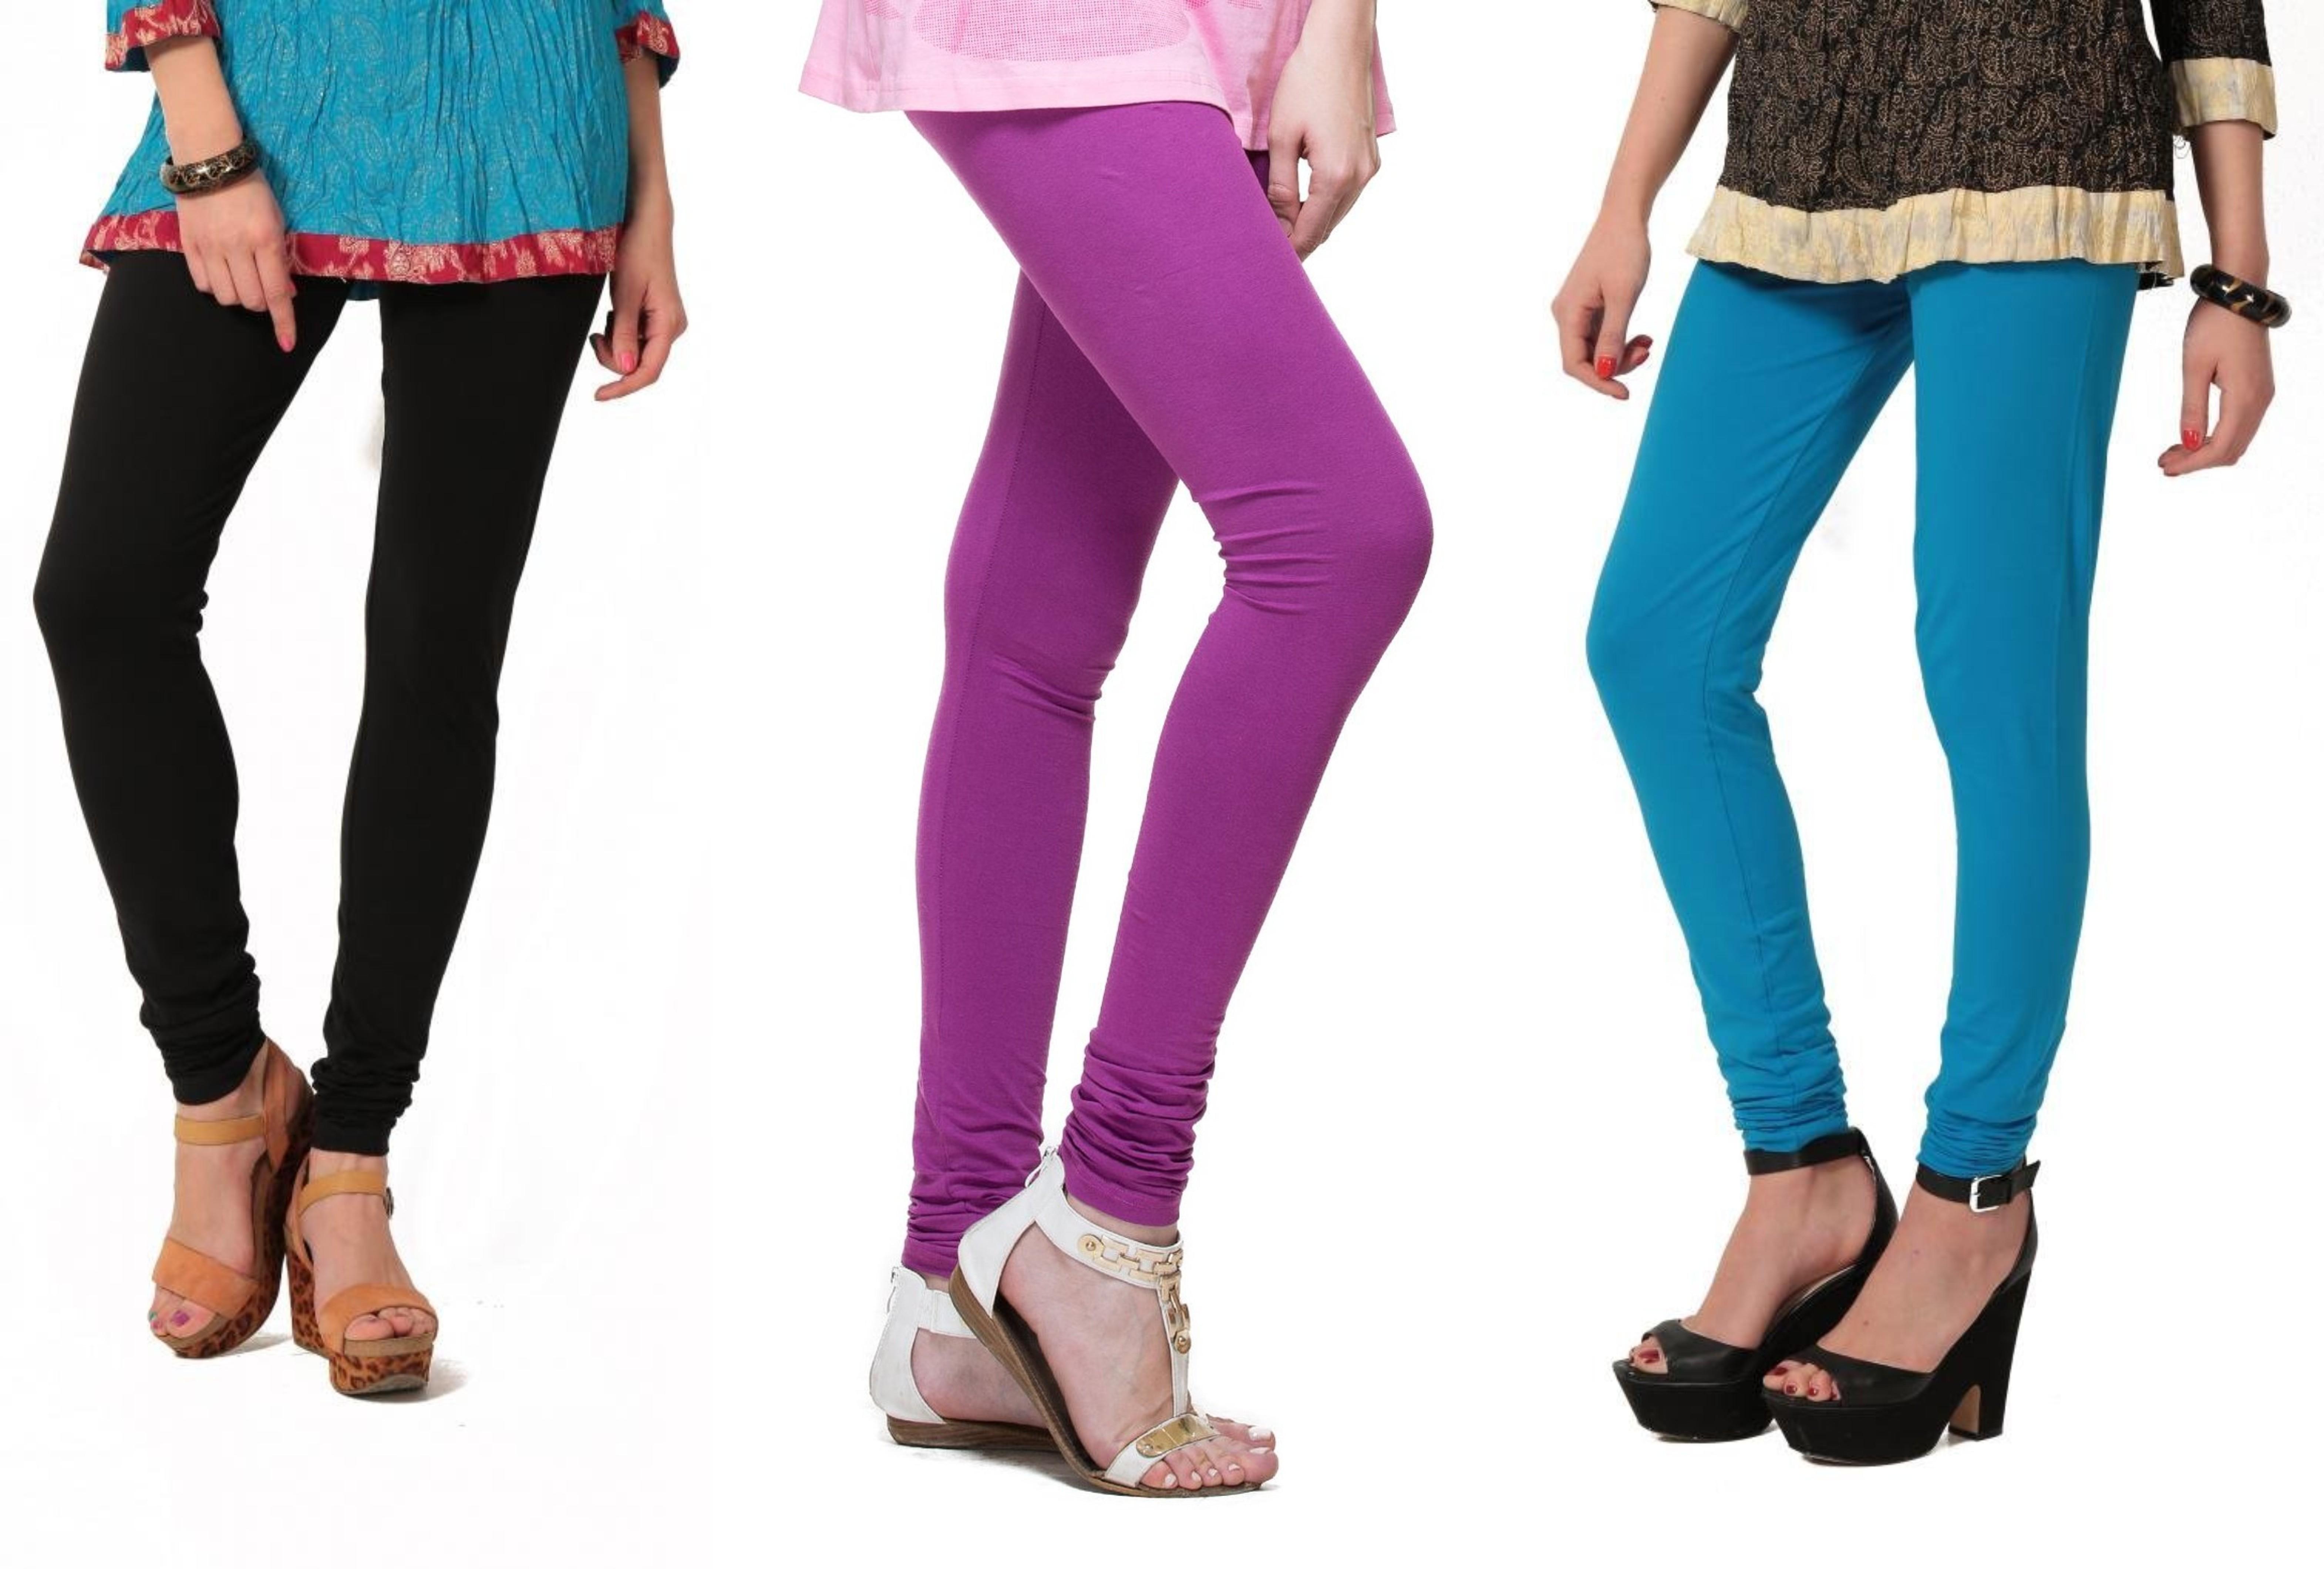 Angel Soft Womens Black, Purple, Light Blue Leggings(Pack of 3)